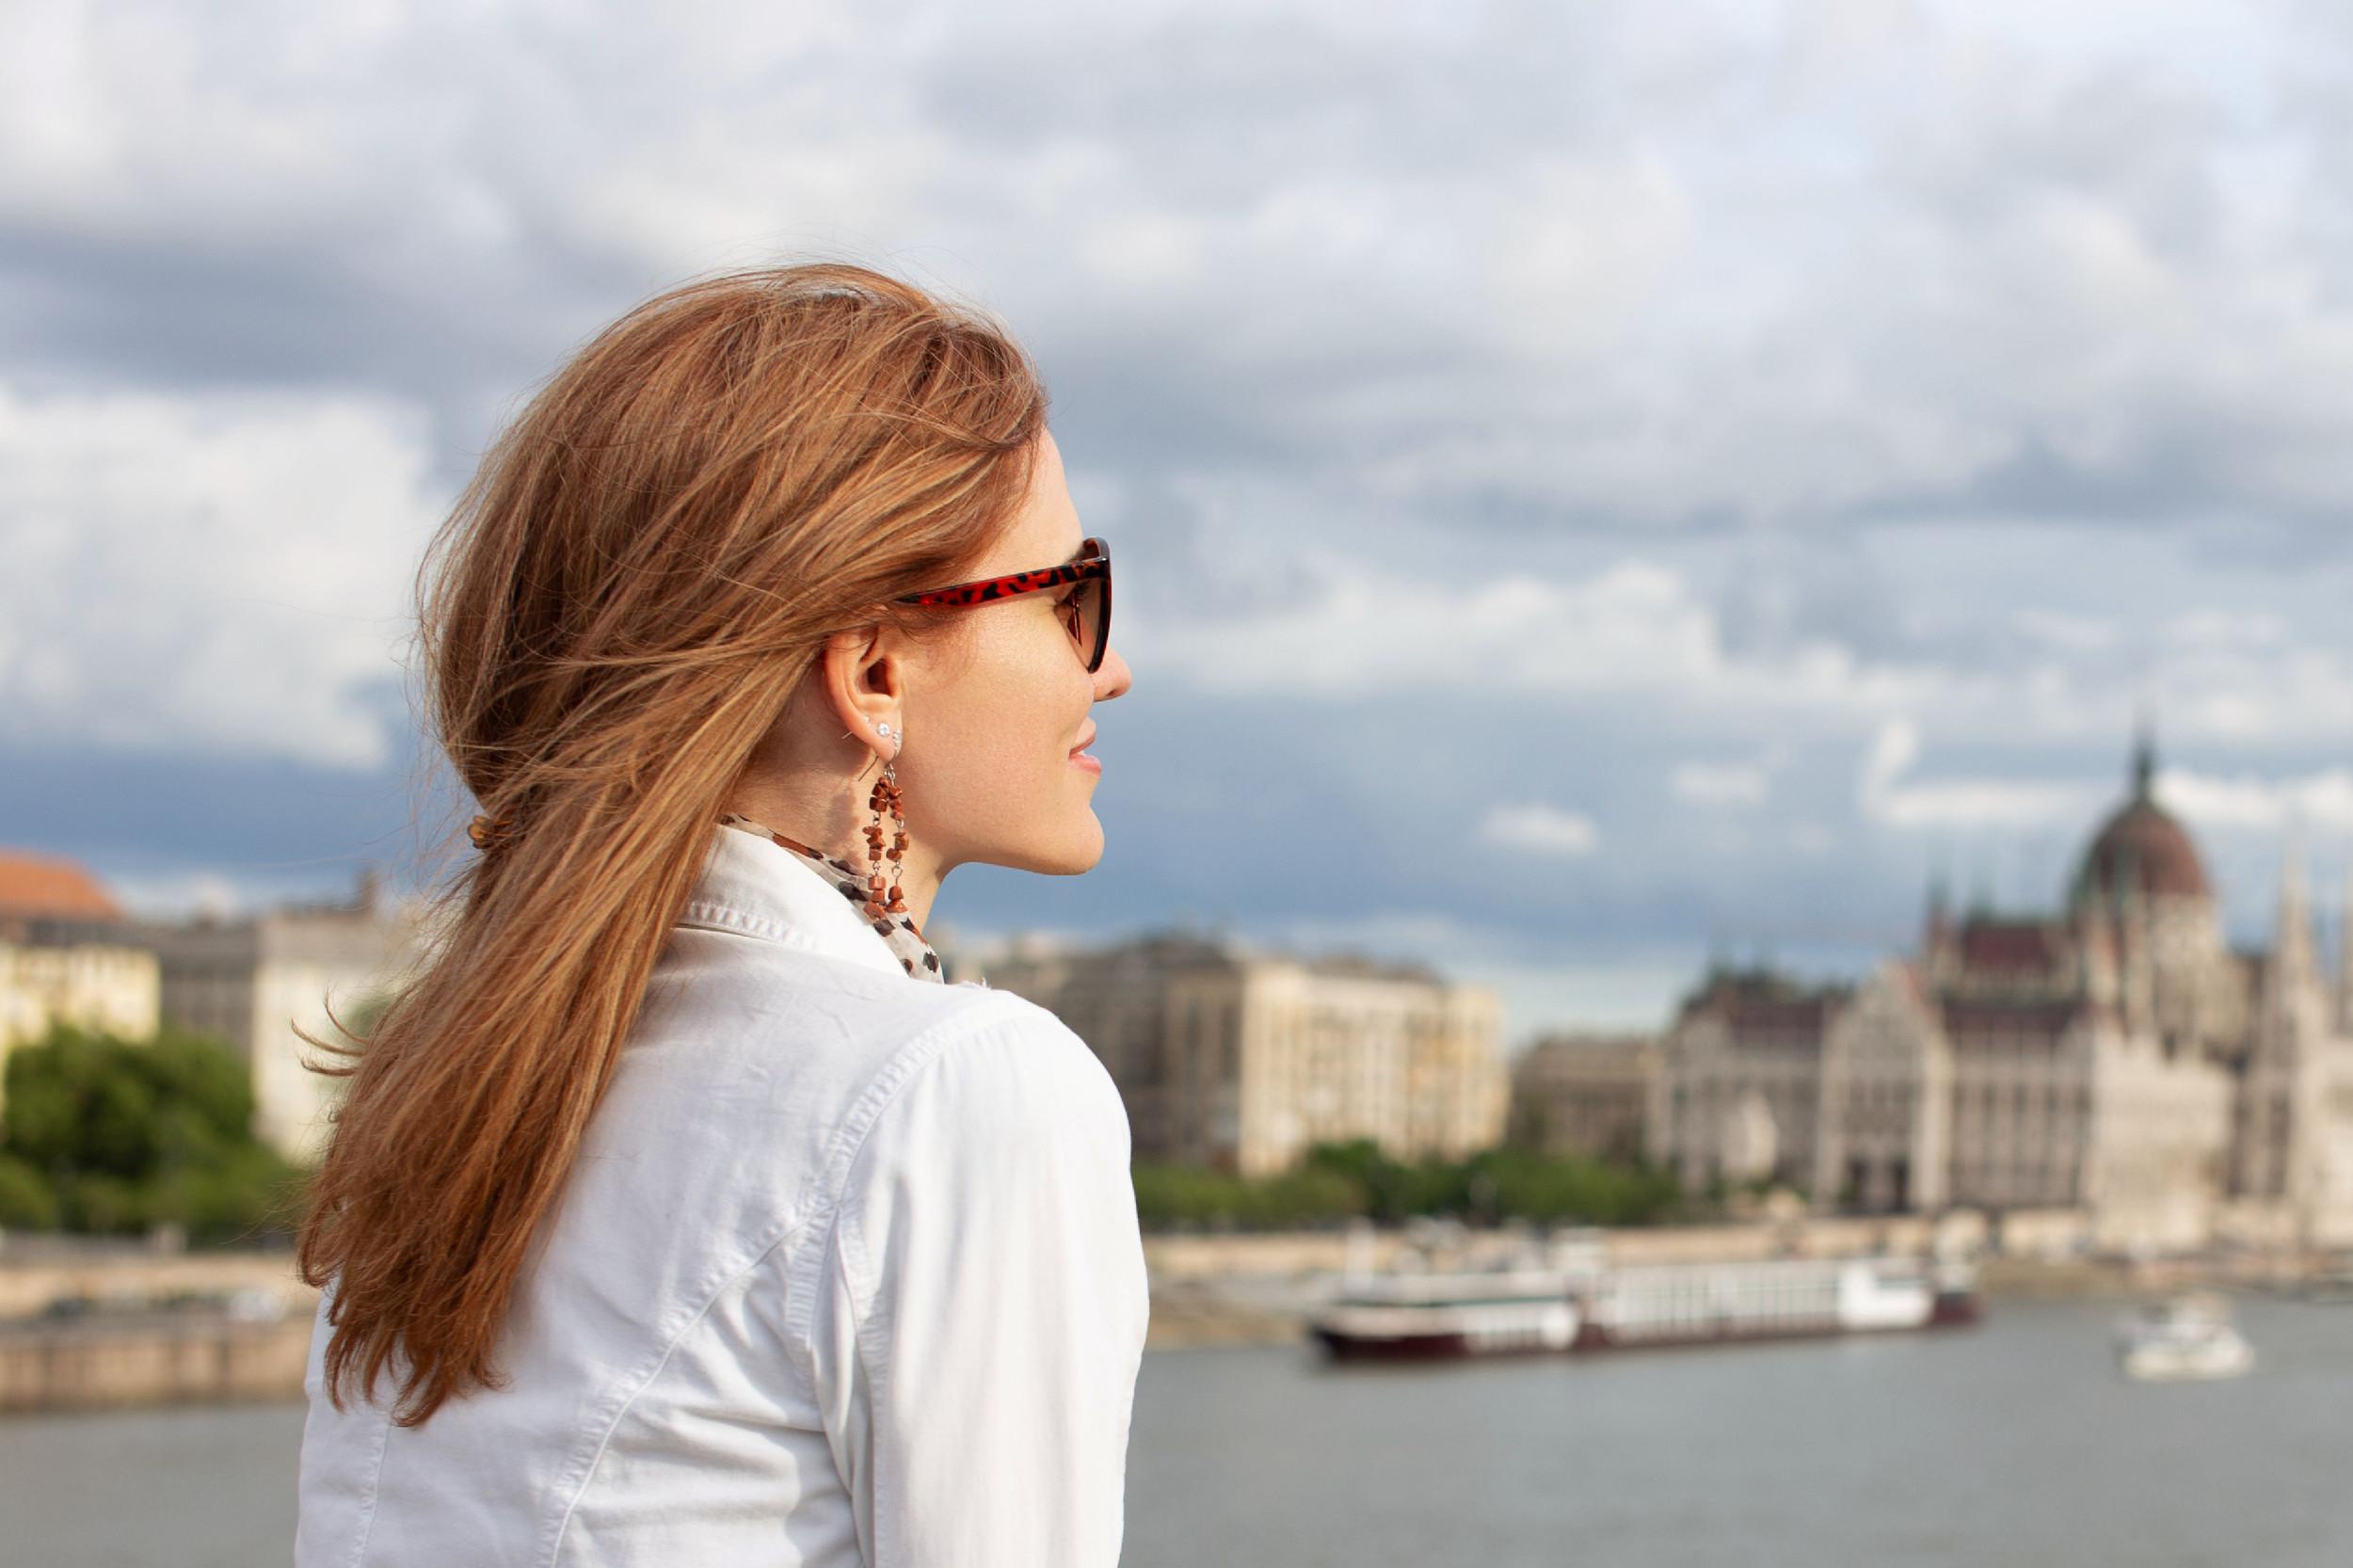 szépség kánonjai egy modern nő szempontjából